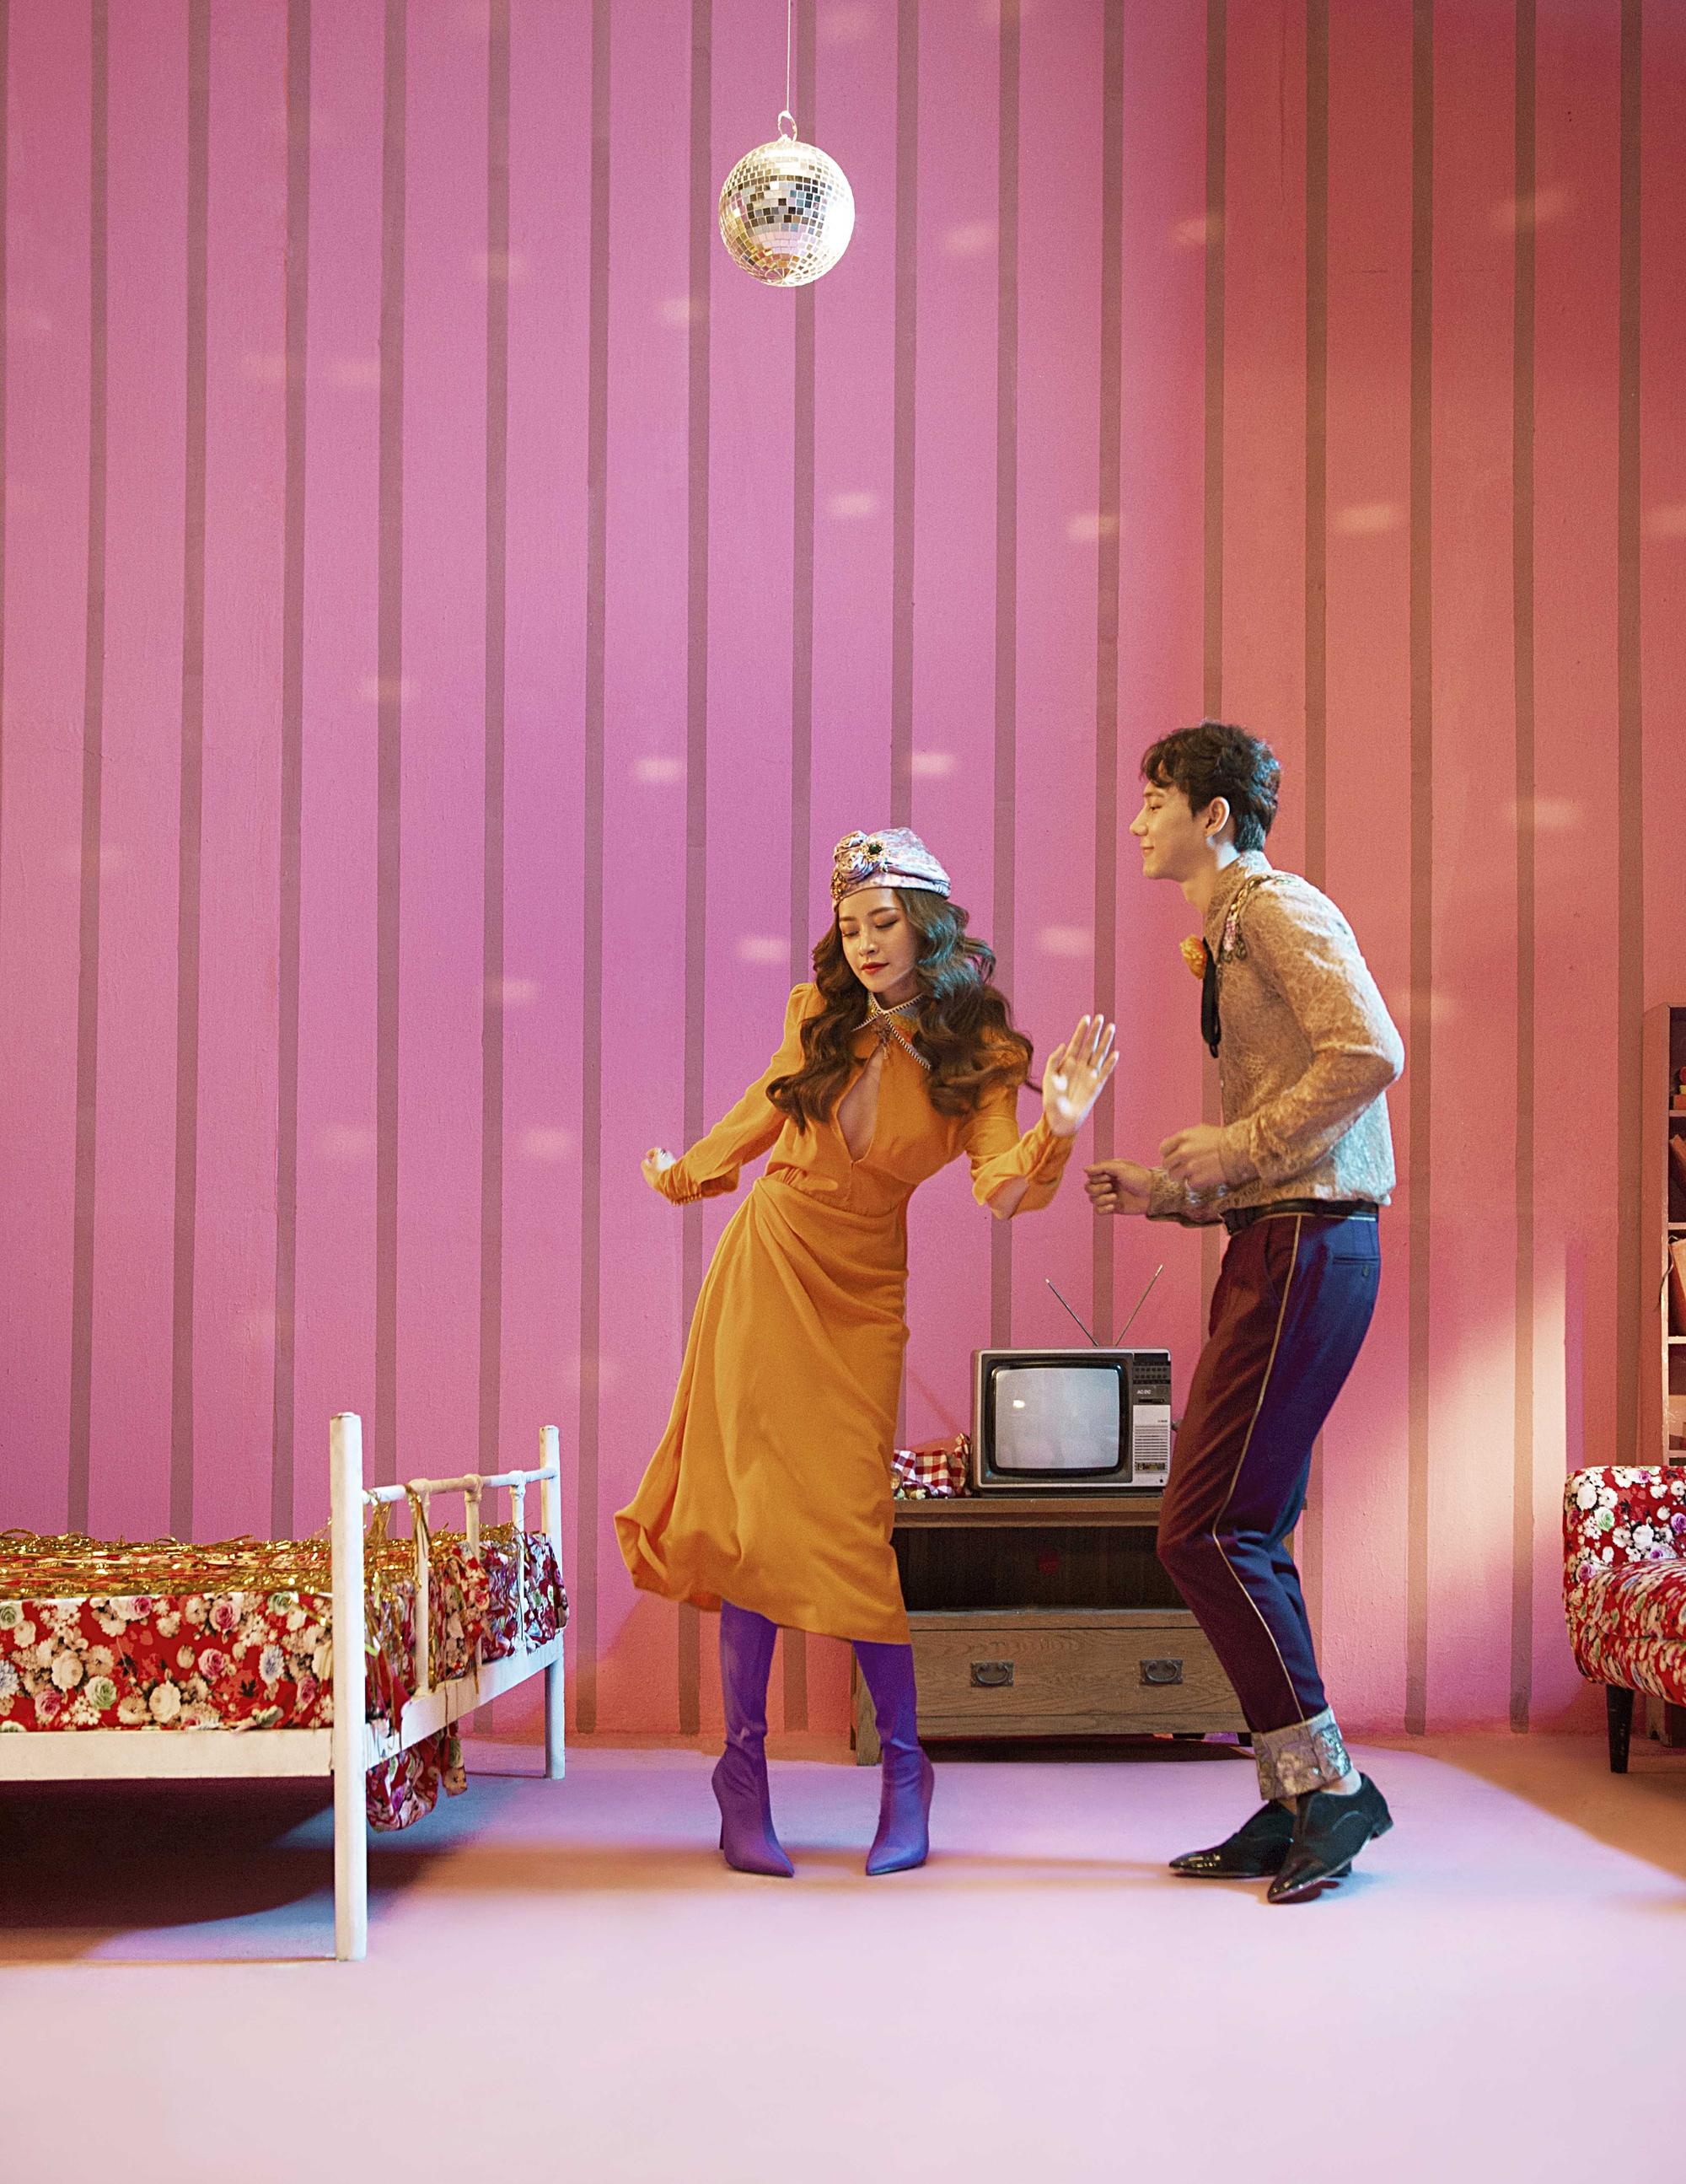 Thời trang trong MV của Chi Pu: là chơi lố hay phong cách màu mè có chủ đích rõ ràng? - Ảnh 7.